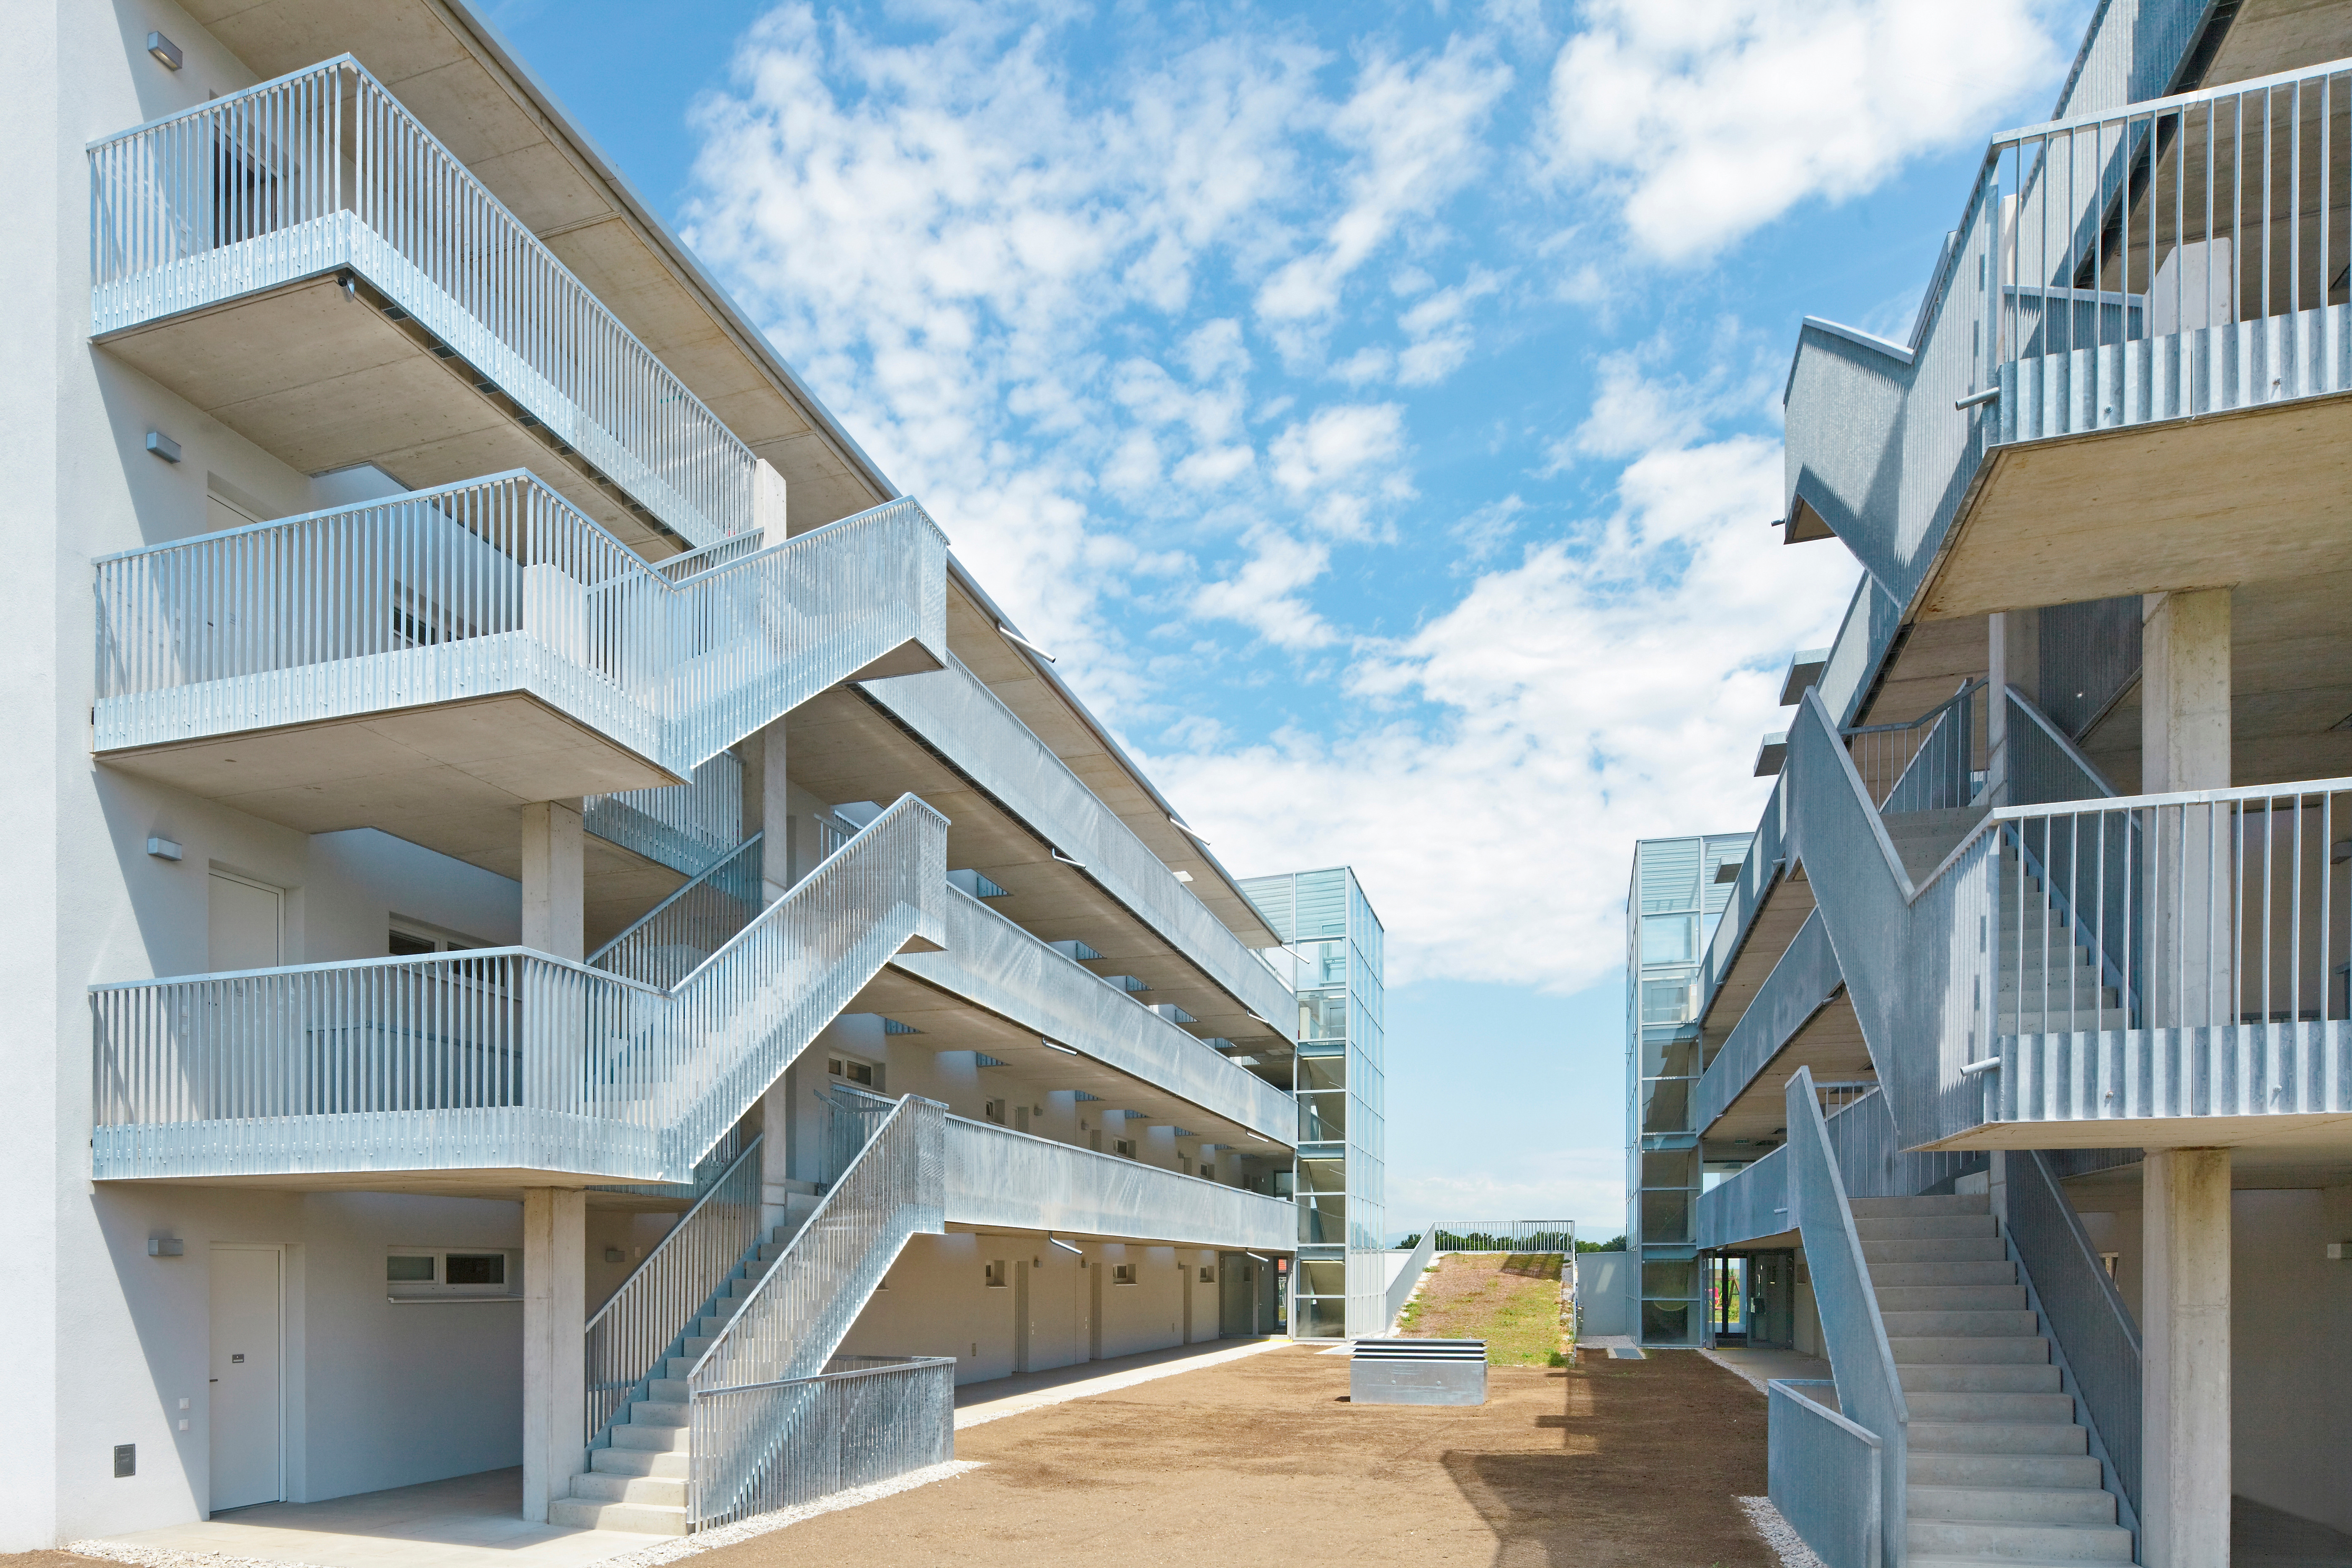 © RUNSER / PRANTL architekten, Niedrigstenergie Wohnhausanlage, 2700 Wiener Neustadt, Niederösterreich, Österreich, 2011, Niedrigstenergie Wohnhausanlage, Fotograf Rupert Steiner